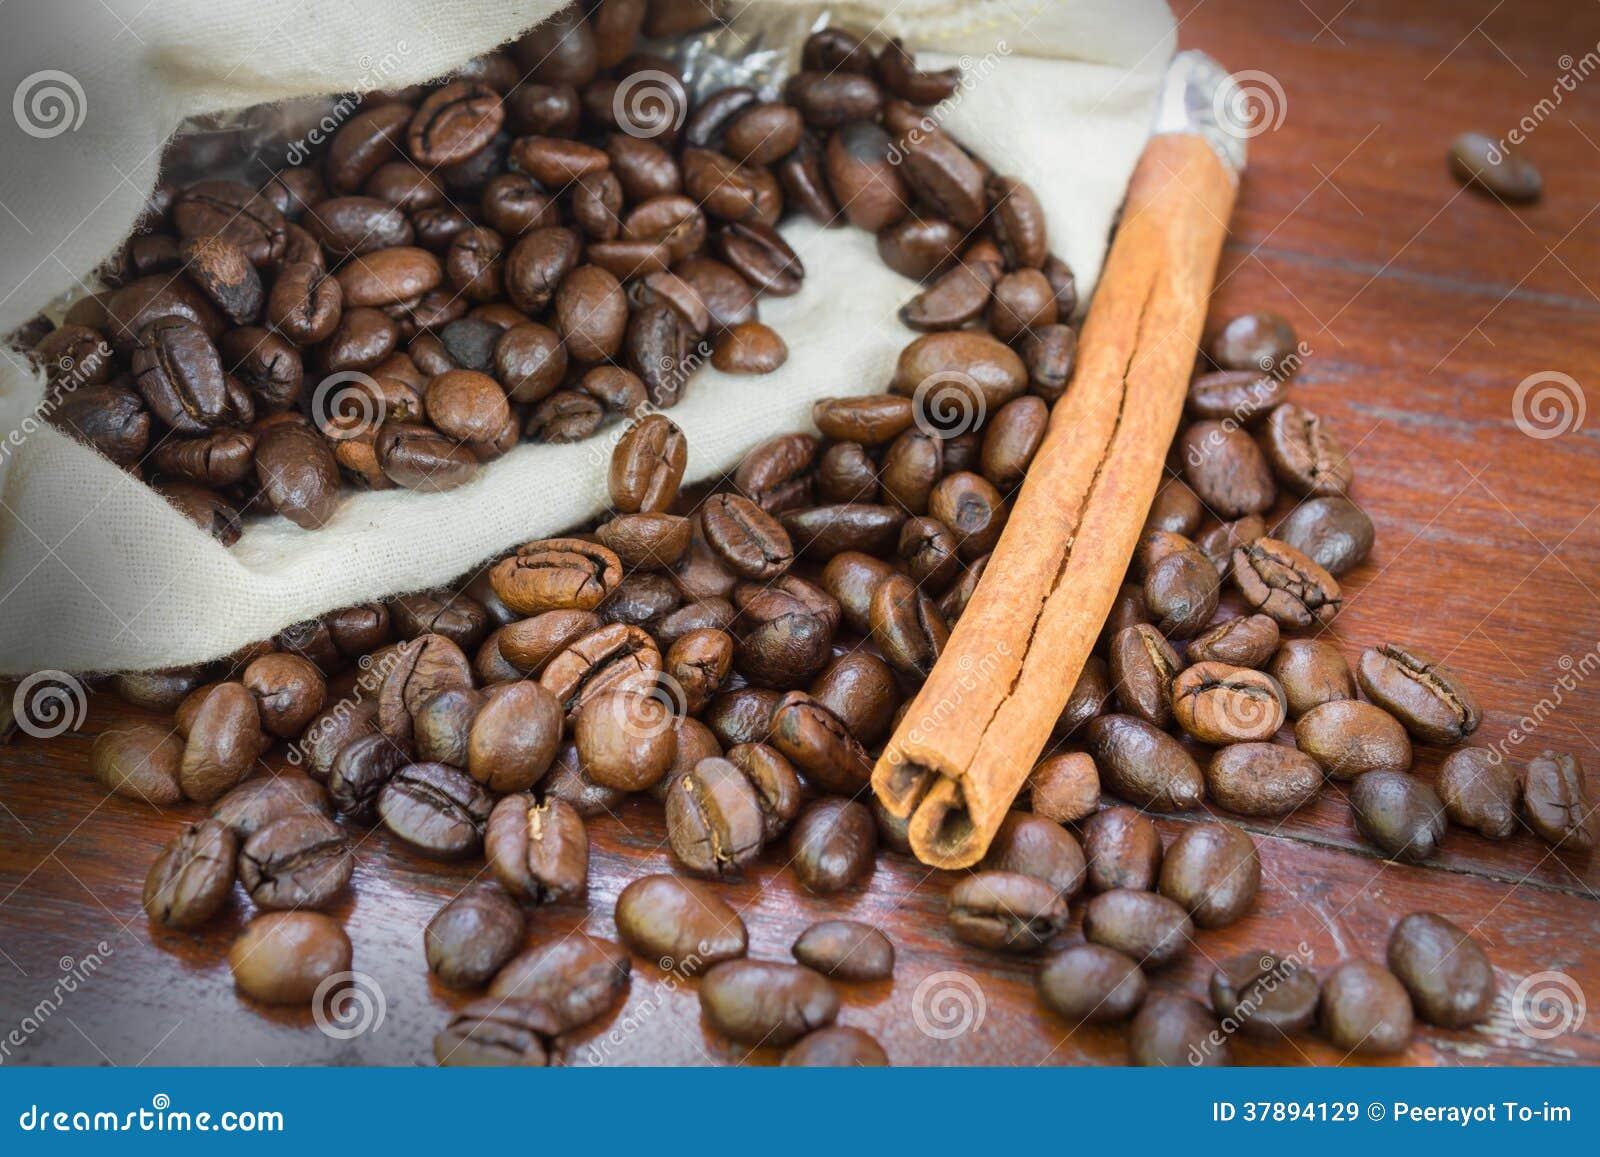 Koffiebonen met kaneel.